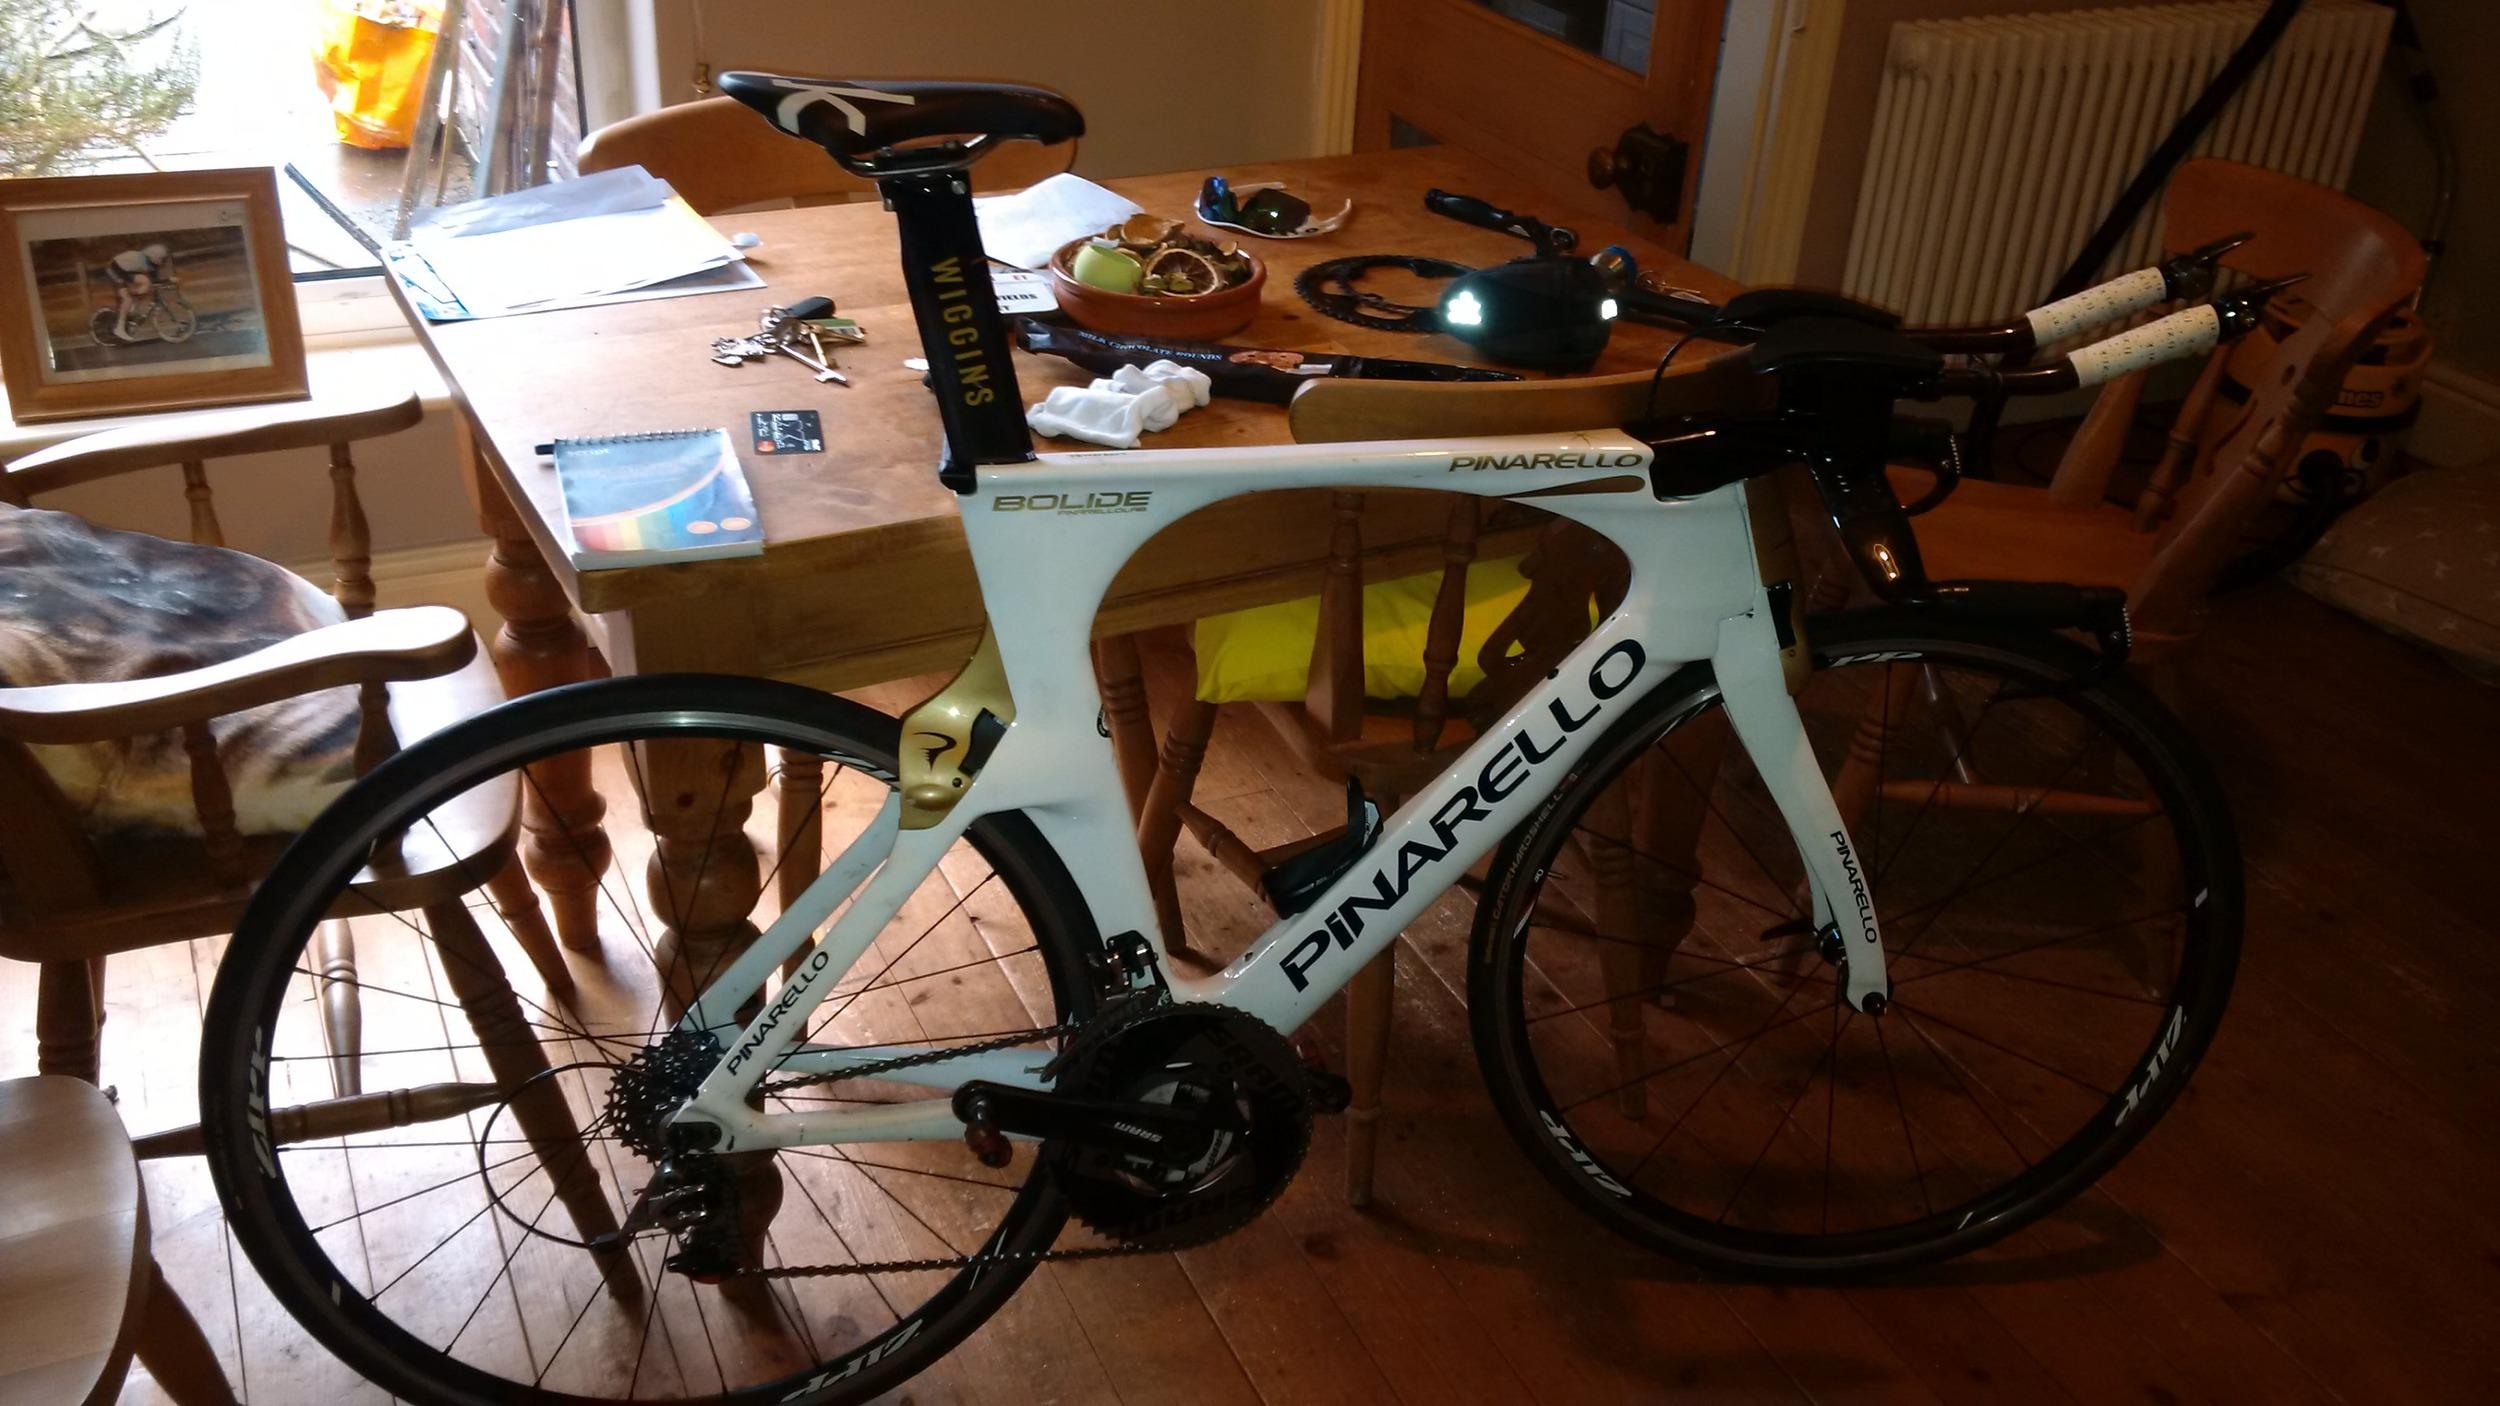 Thursday's bike being prepared